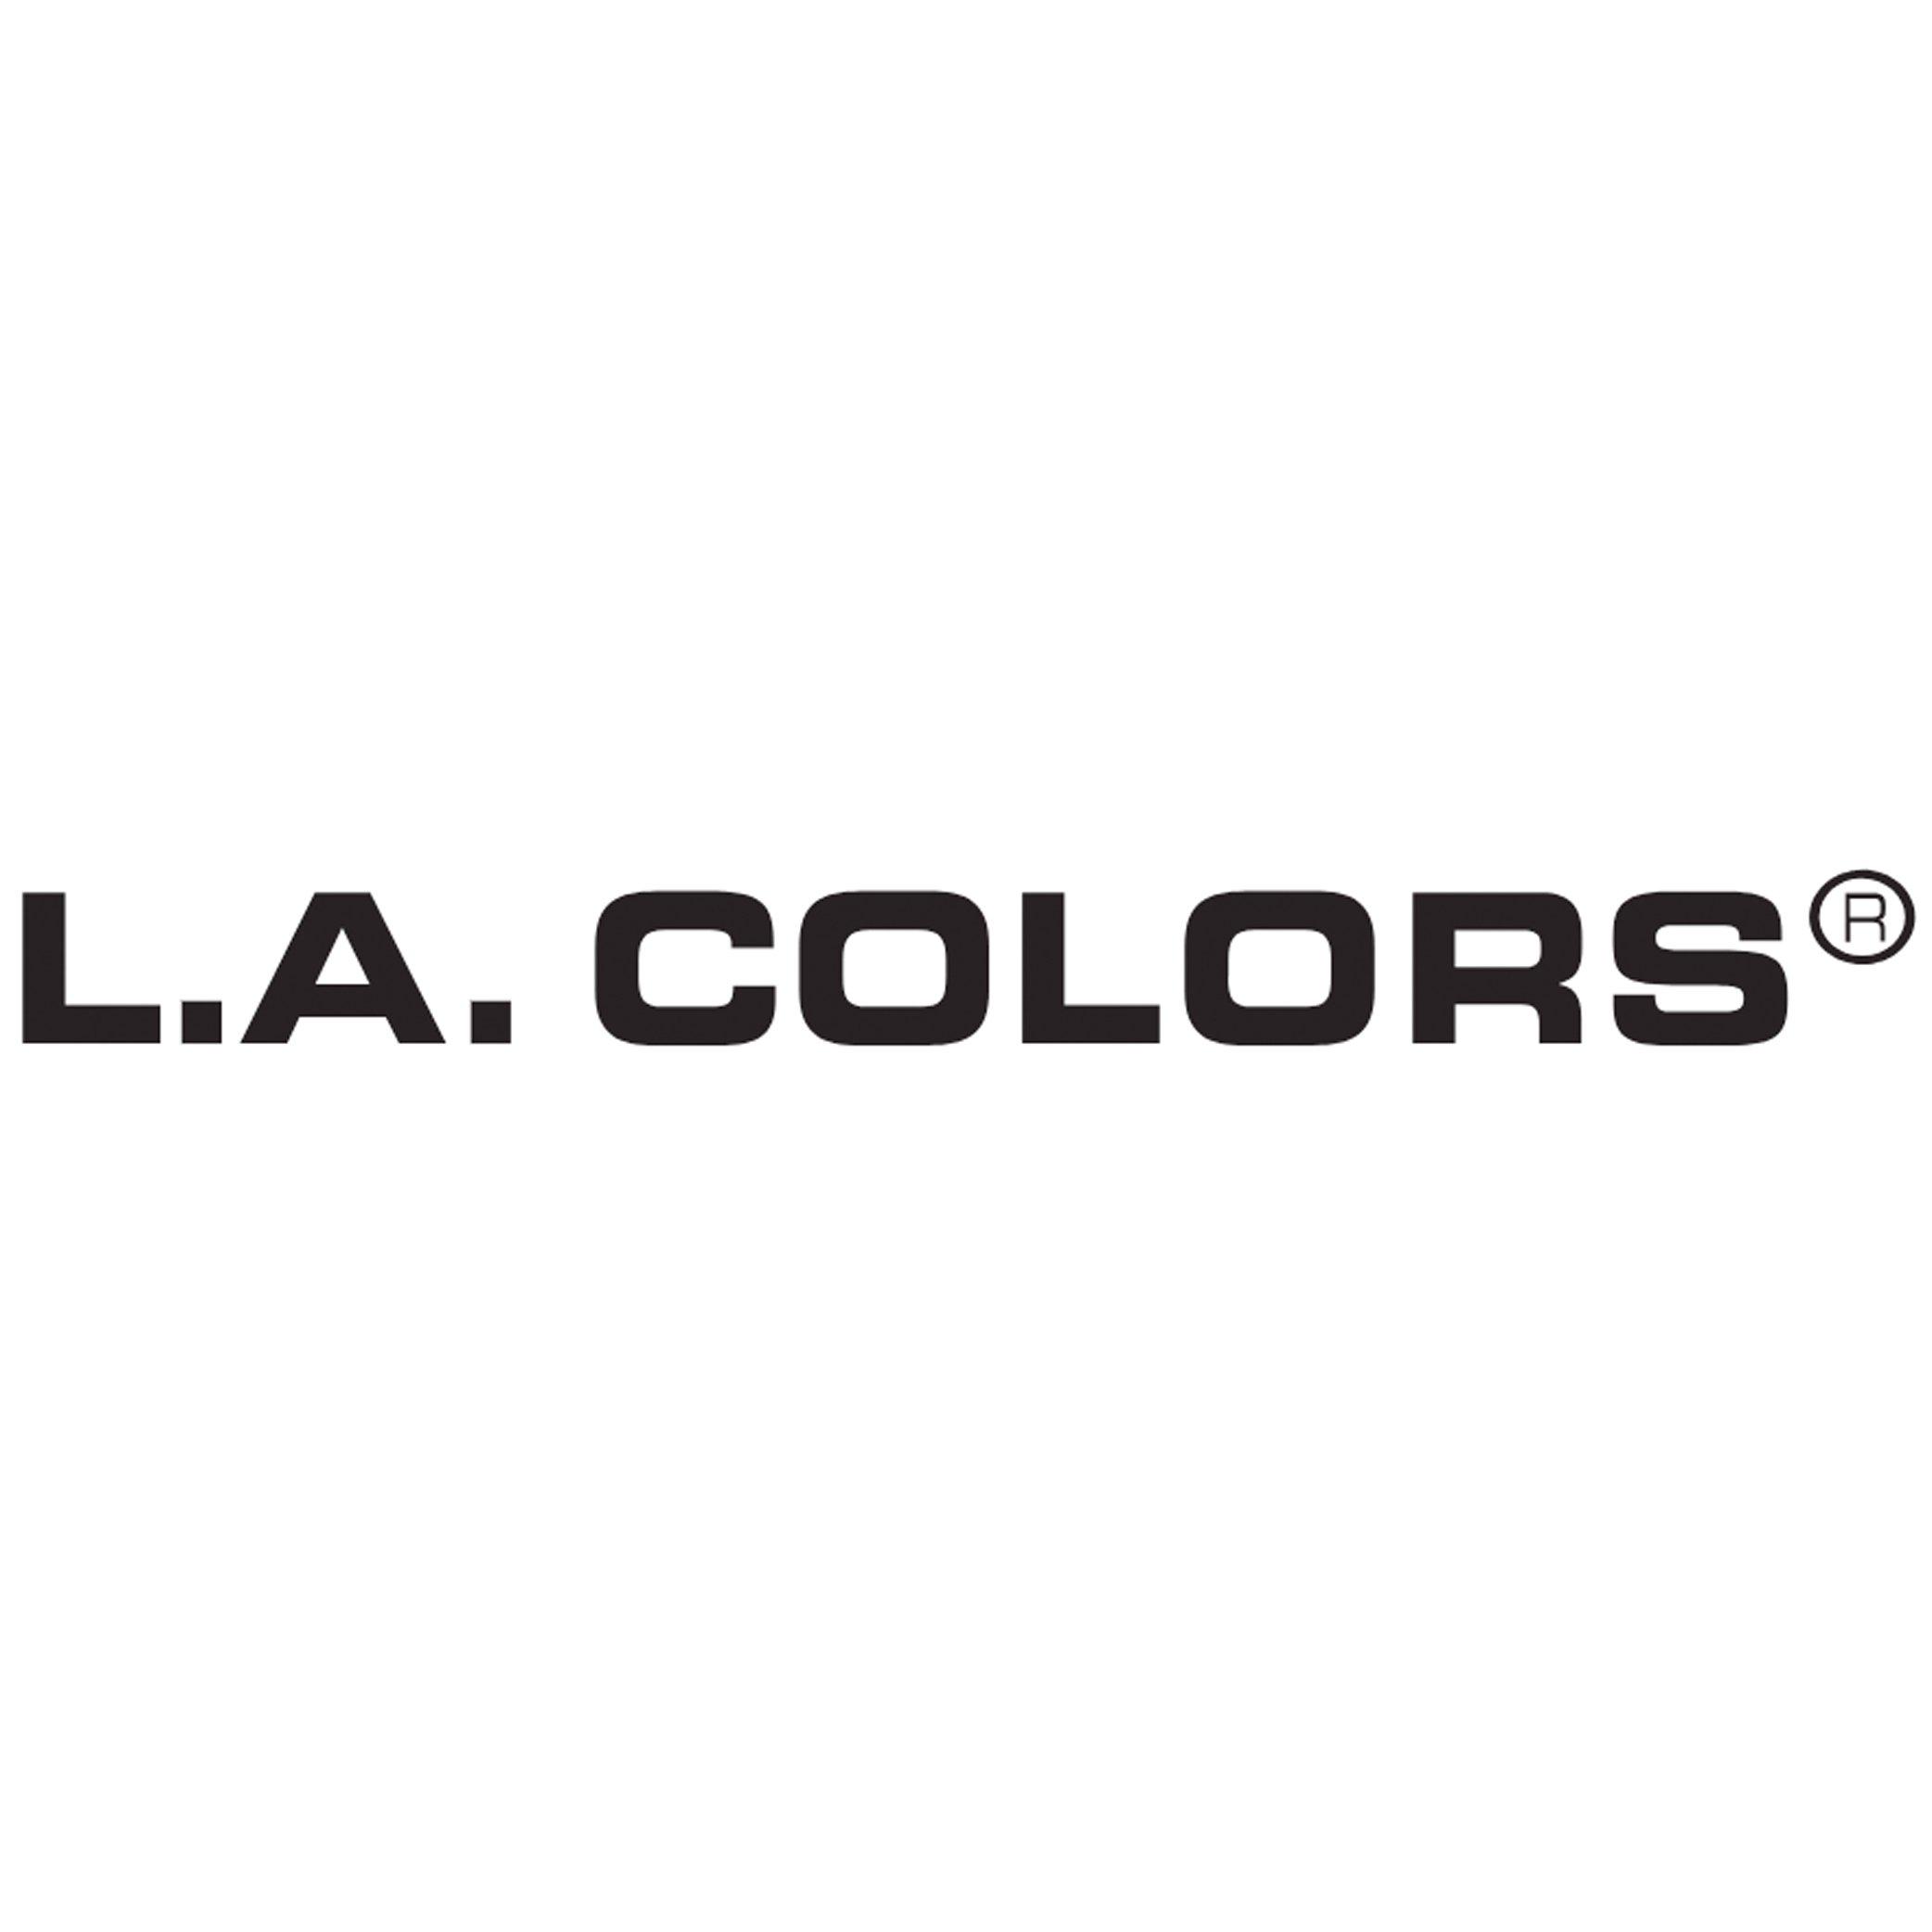 L.A Color's logo